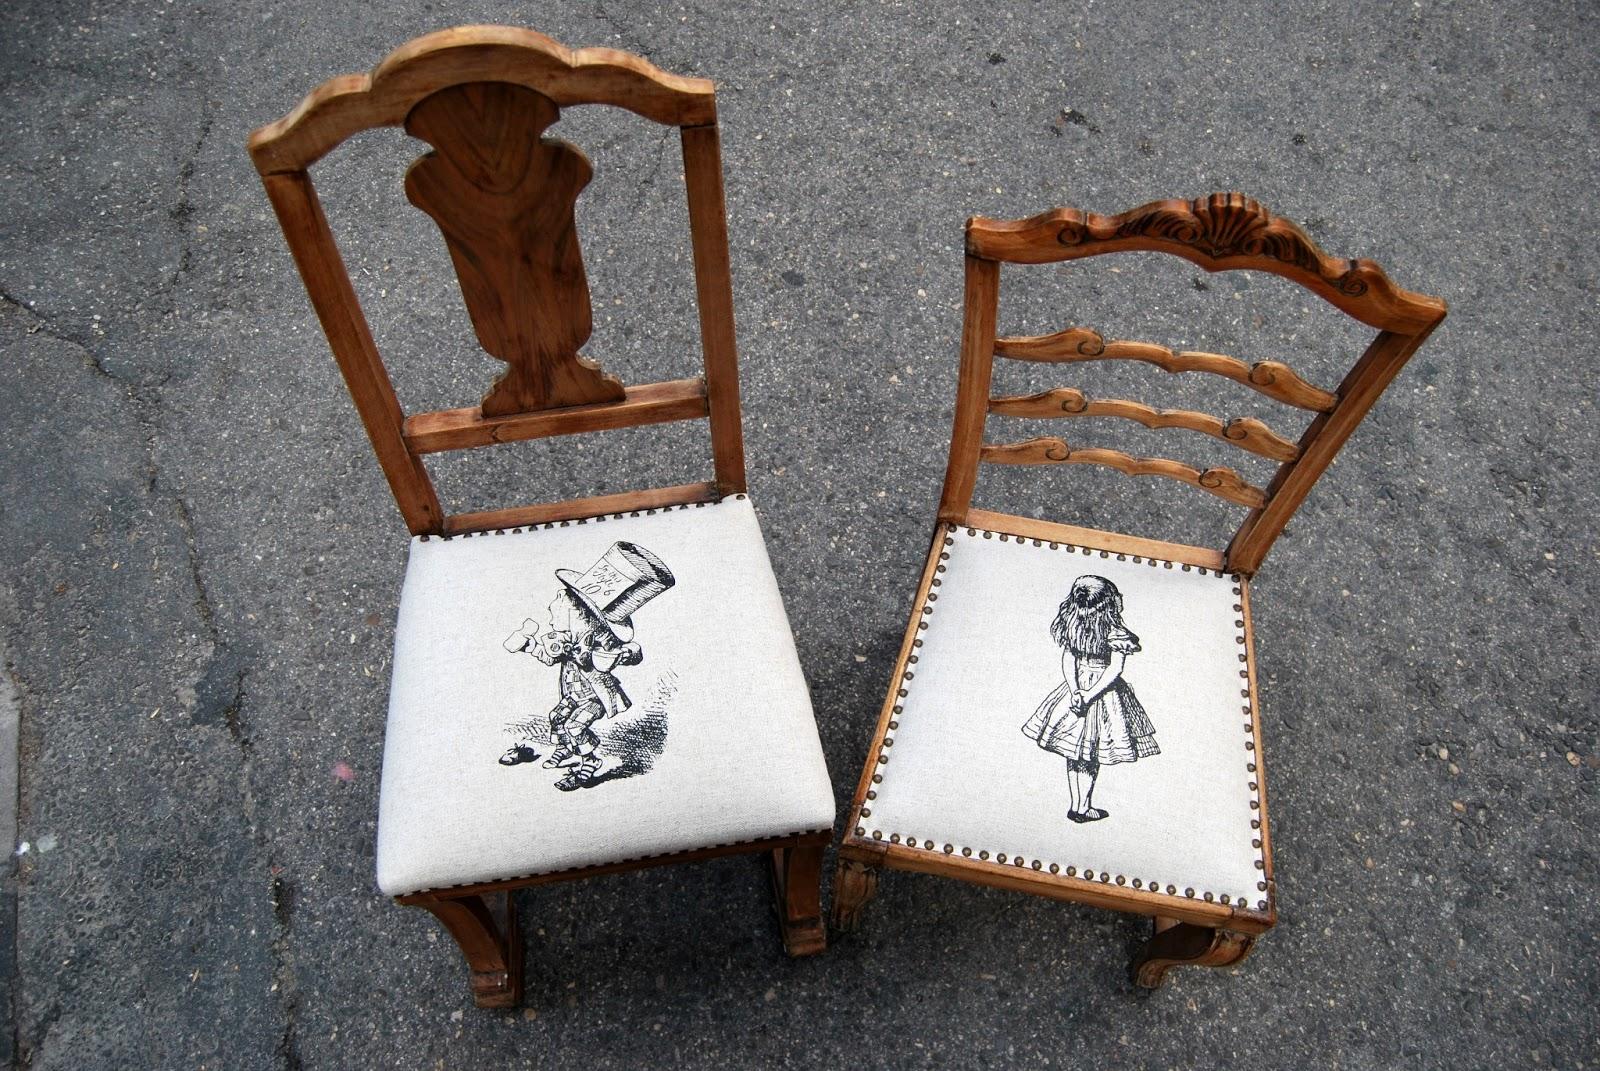 Sillas tapizadas con alicia y sombrerero la tapicera for Sillas con apoyabrazos tapizadas